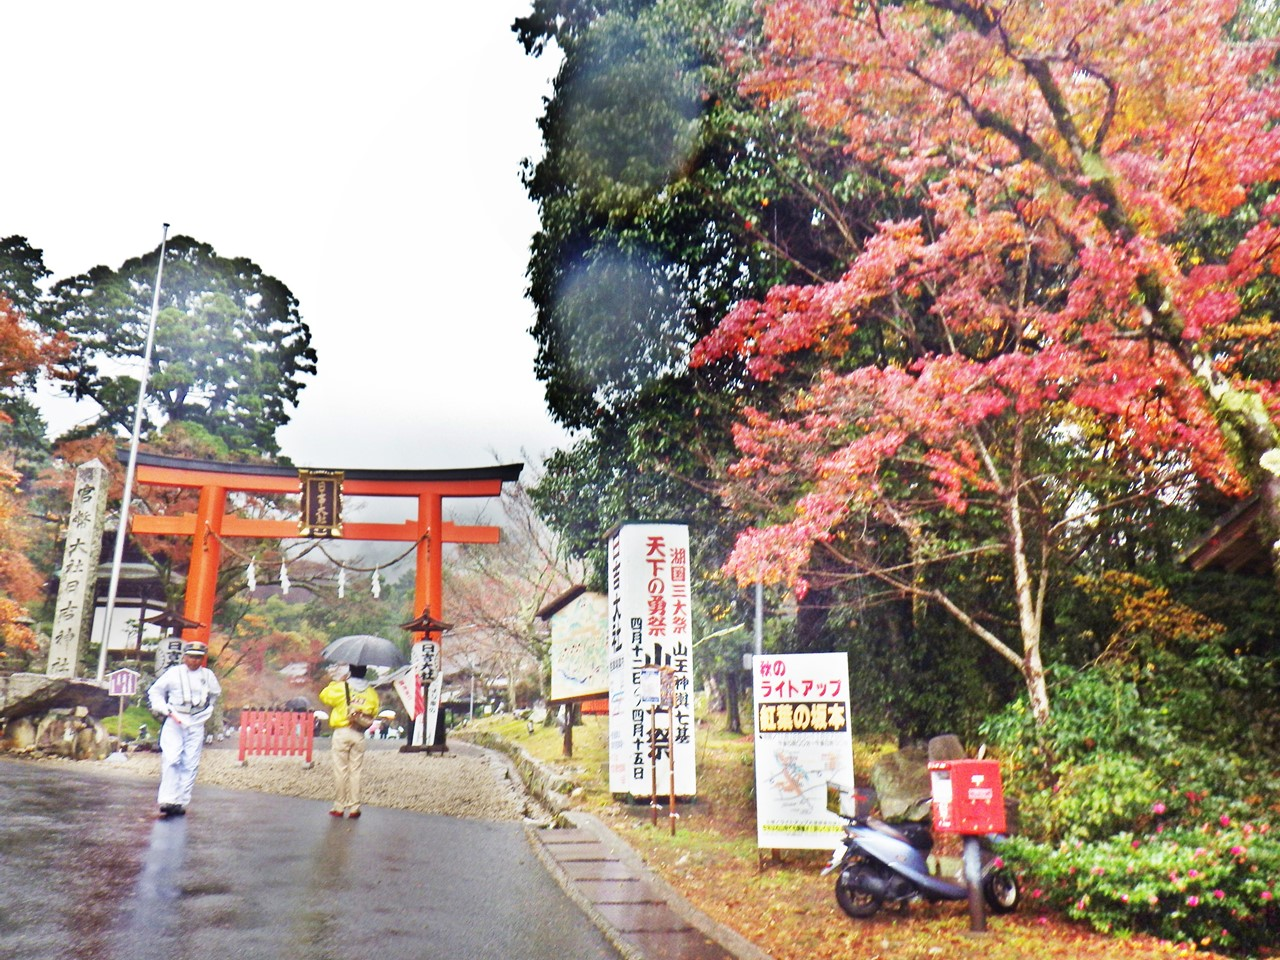 10a 日吉大社入口の鳥居